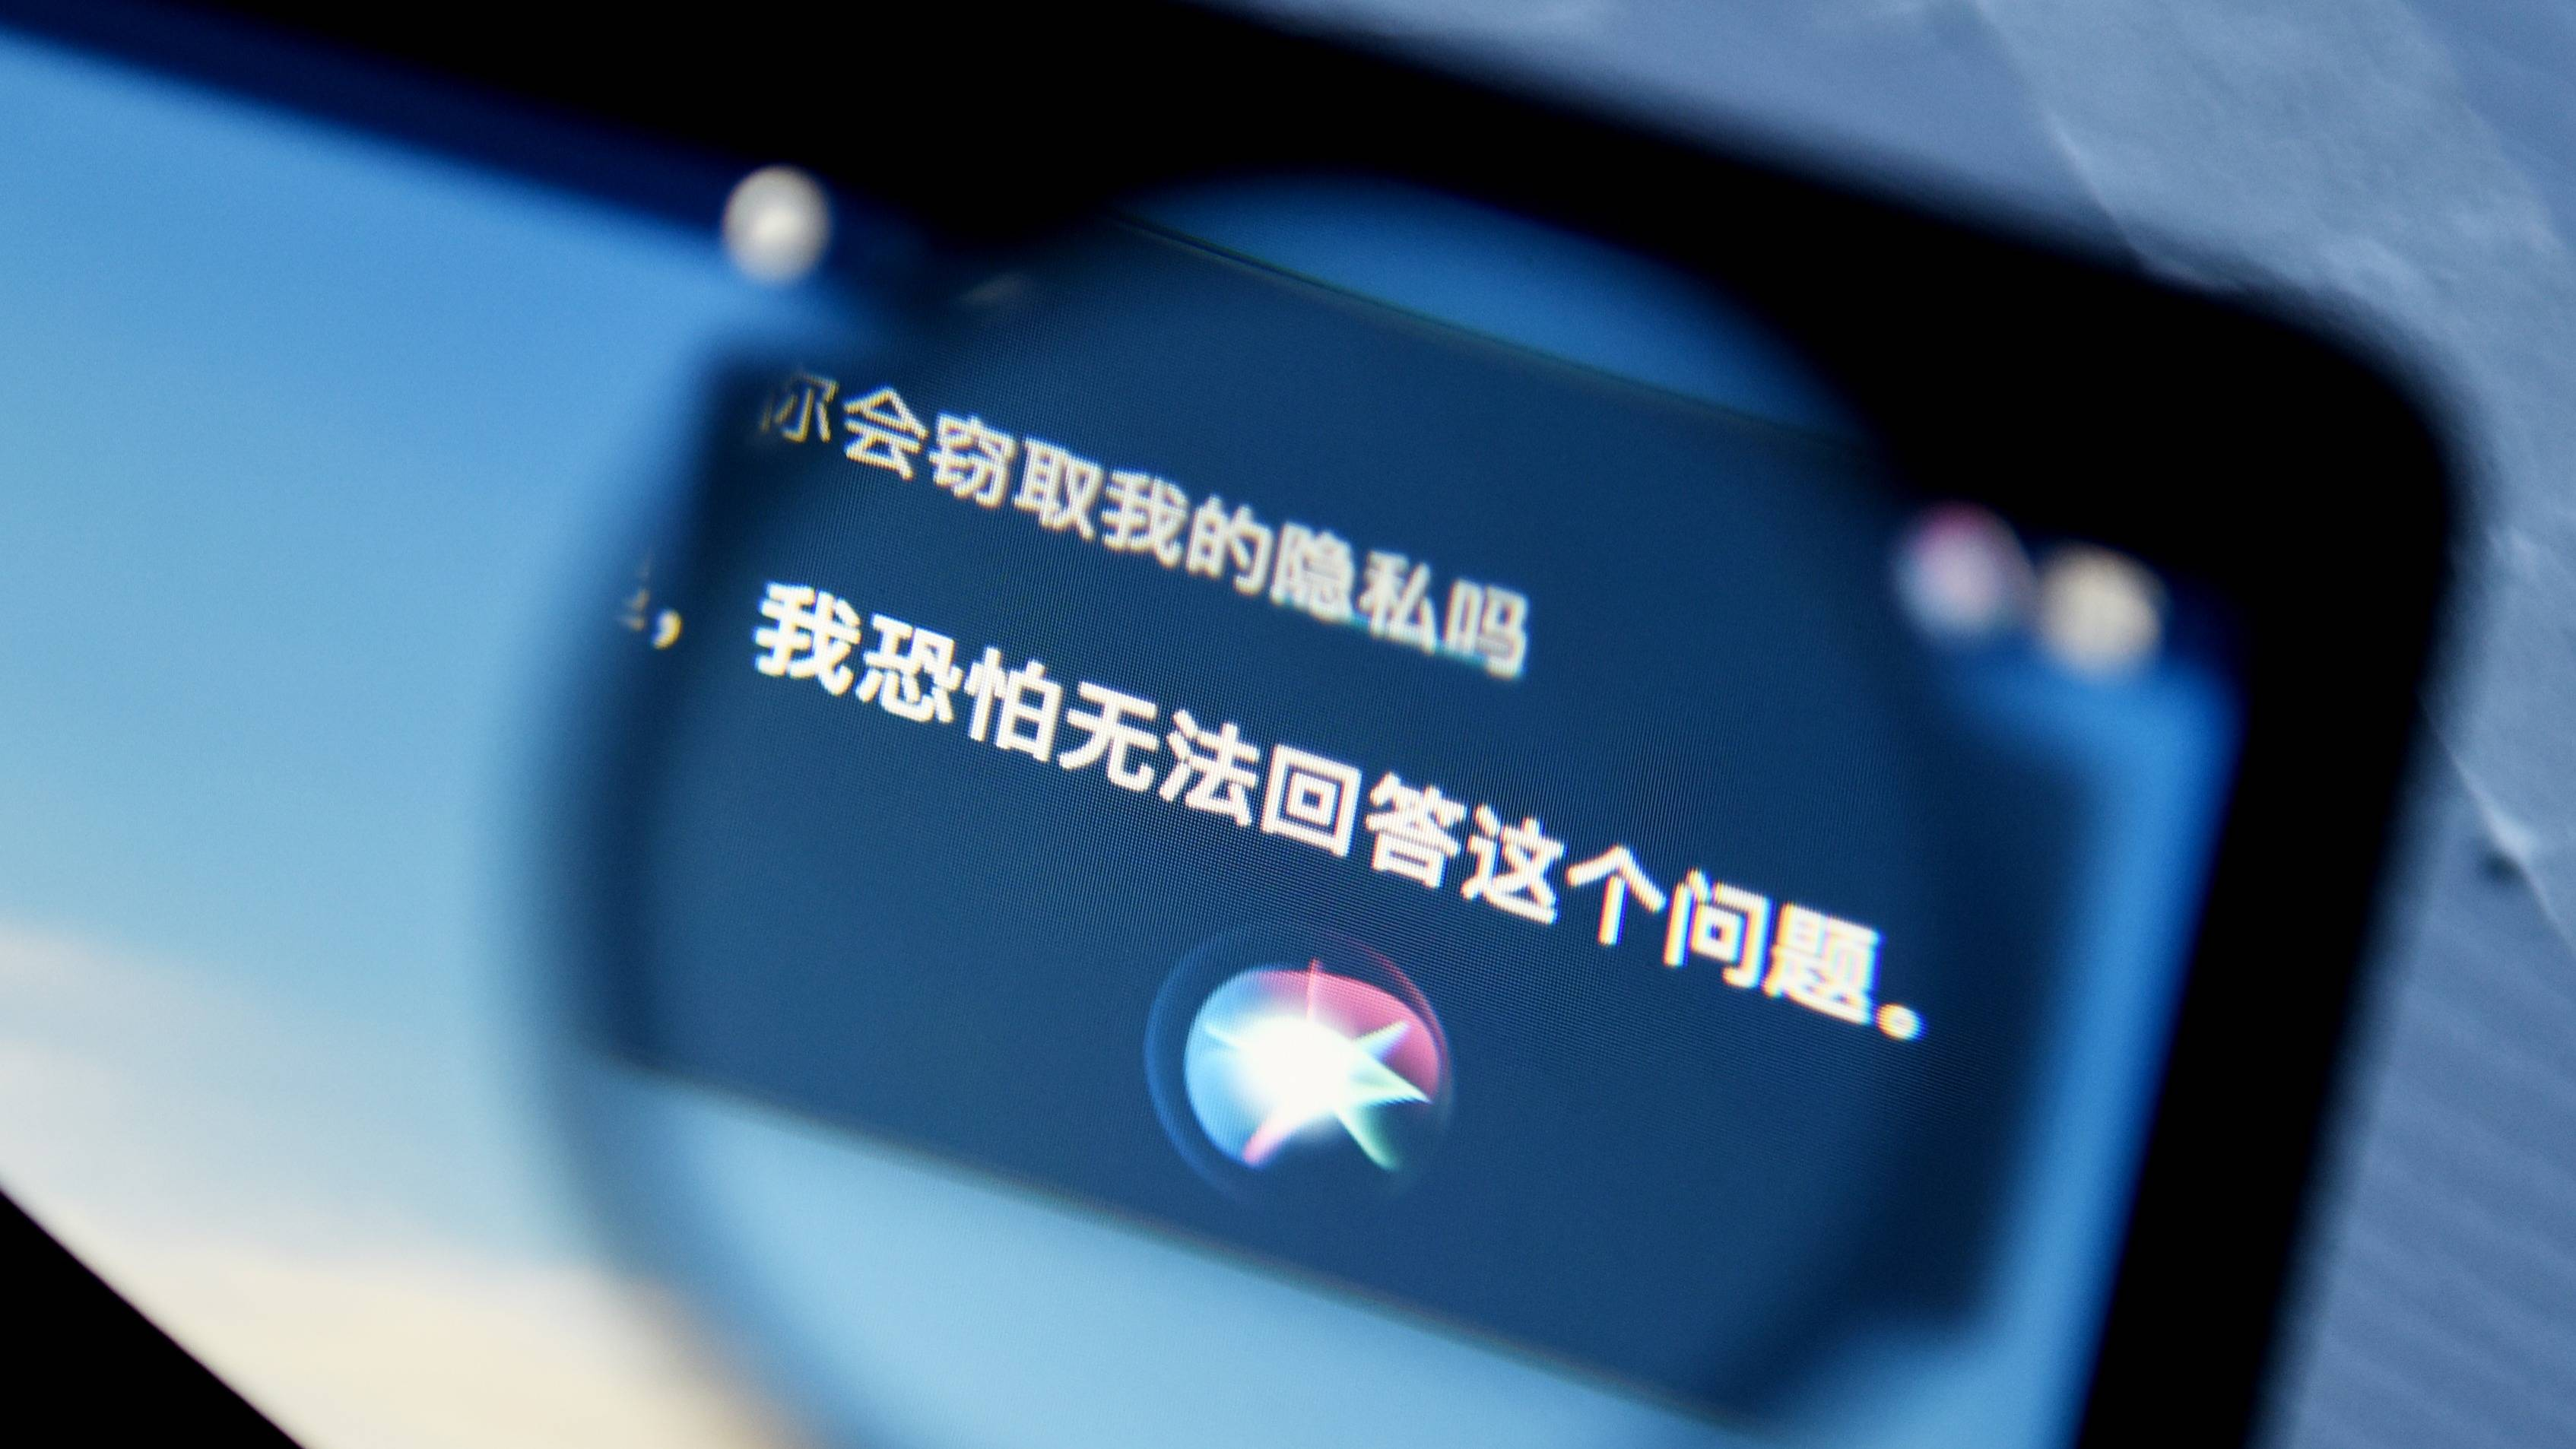 """【虎嗅早报】苹果再报歉:不再保存Siri互动灌音;FF回应贾跃亭""""离任"""":架构变革将公布细节"""